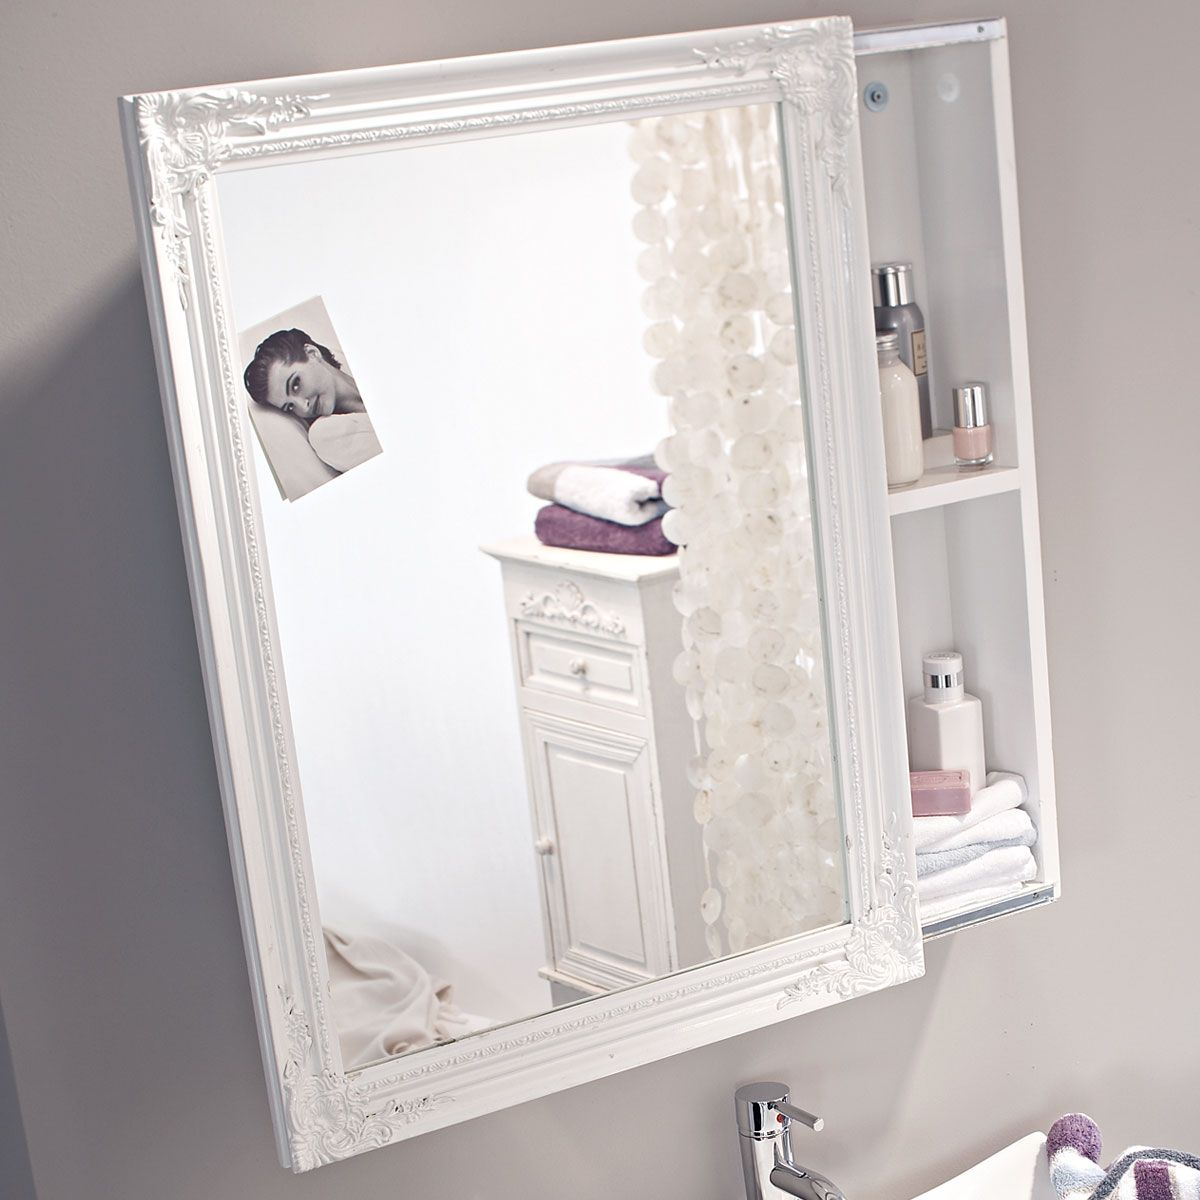 Spiegelschrank Ab 149 00 Im Impressionen Online Shop Spiegelschrank Schiebetur Badezimmer Spiegelschrank